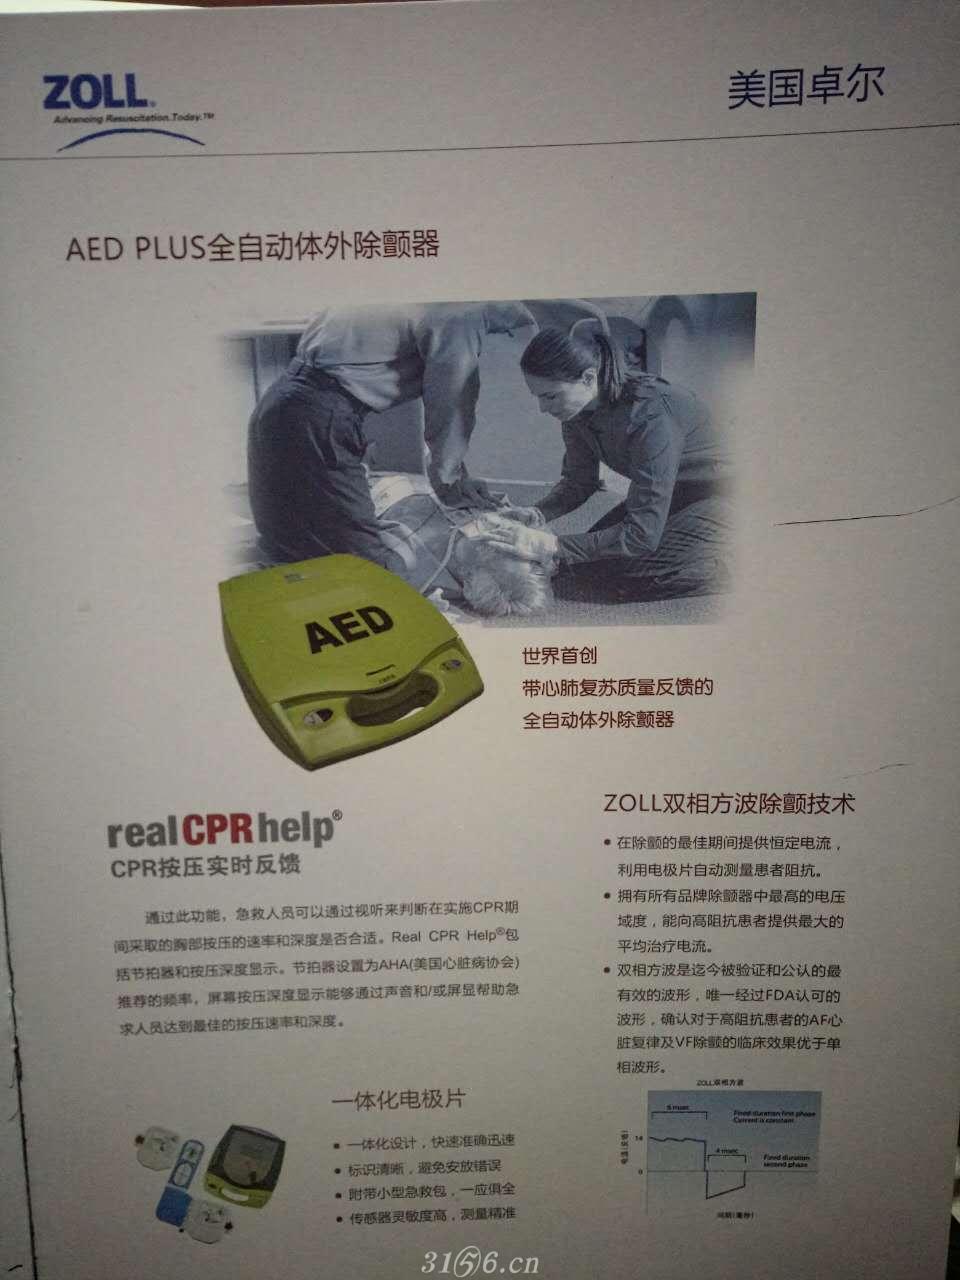 AED PLUS全自动体外除颤器